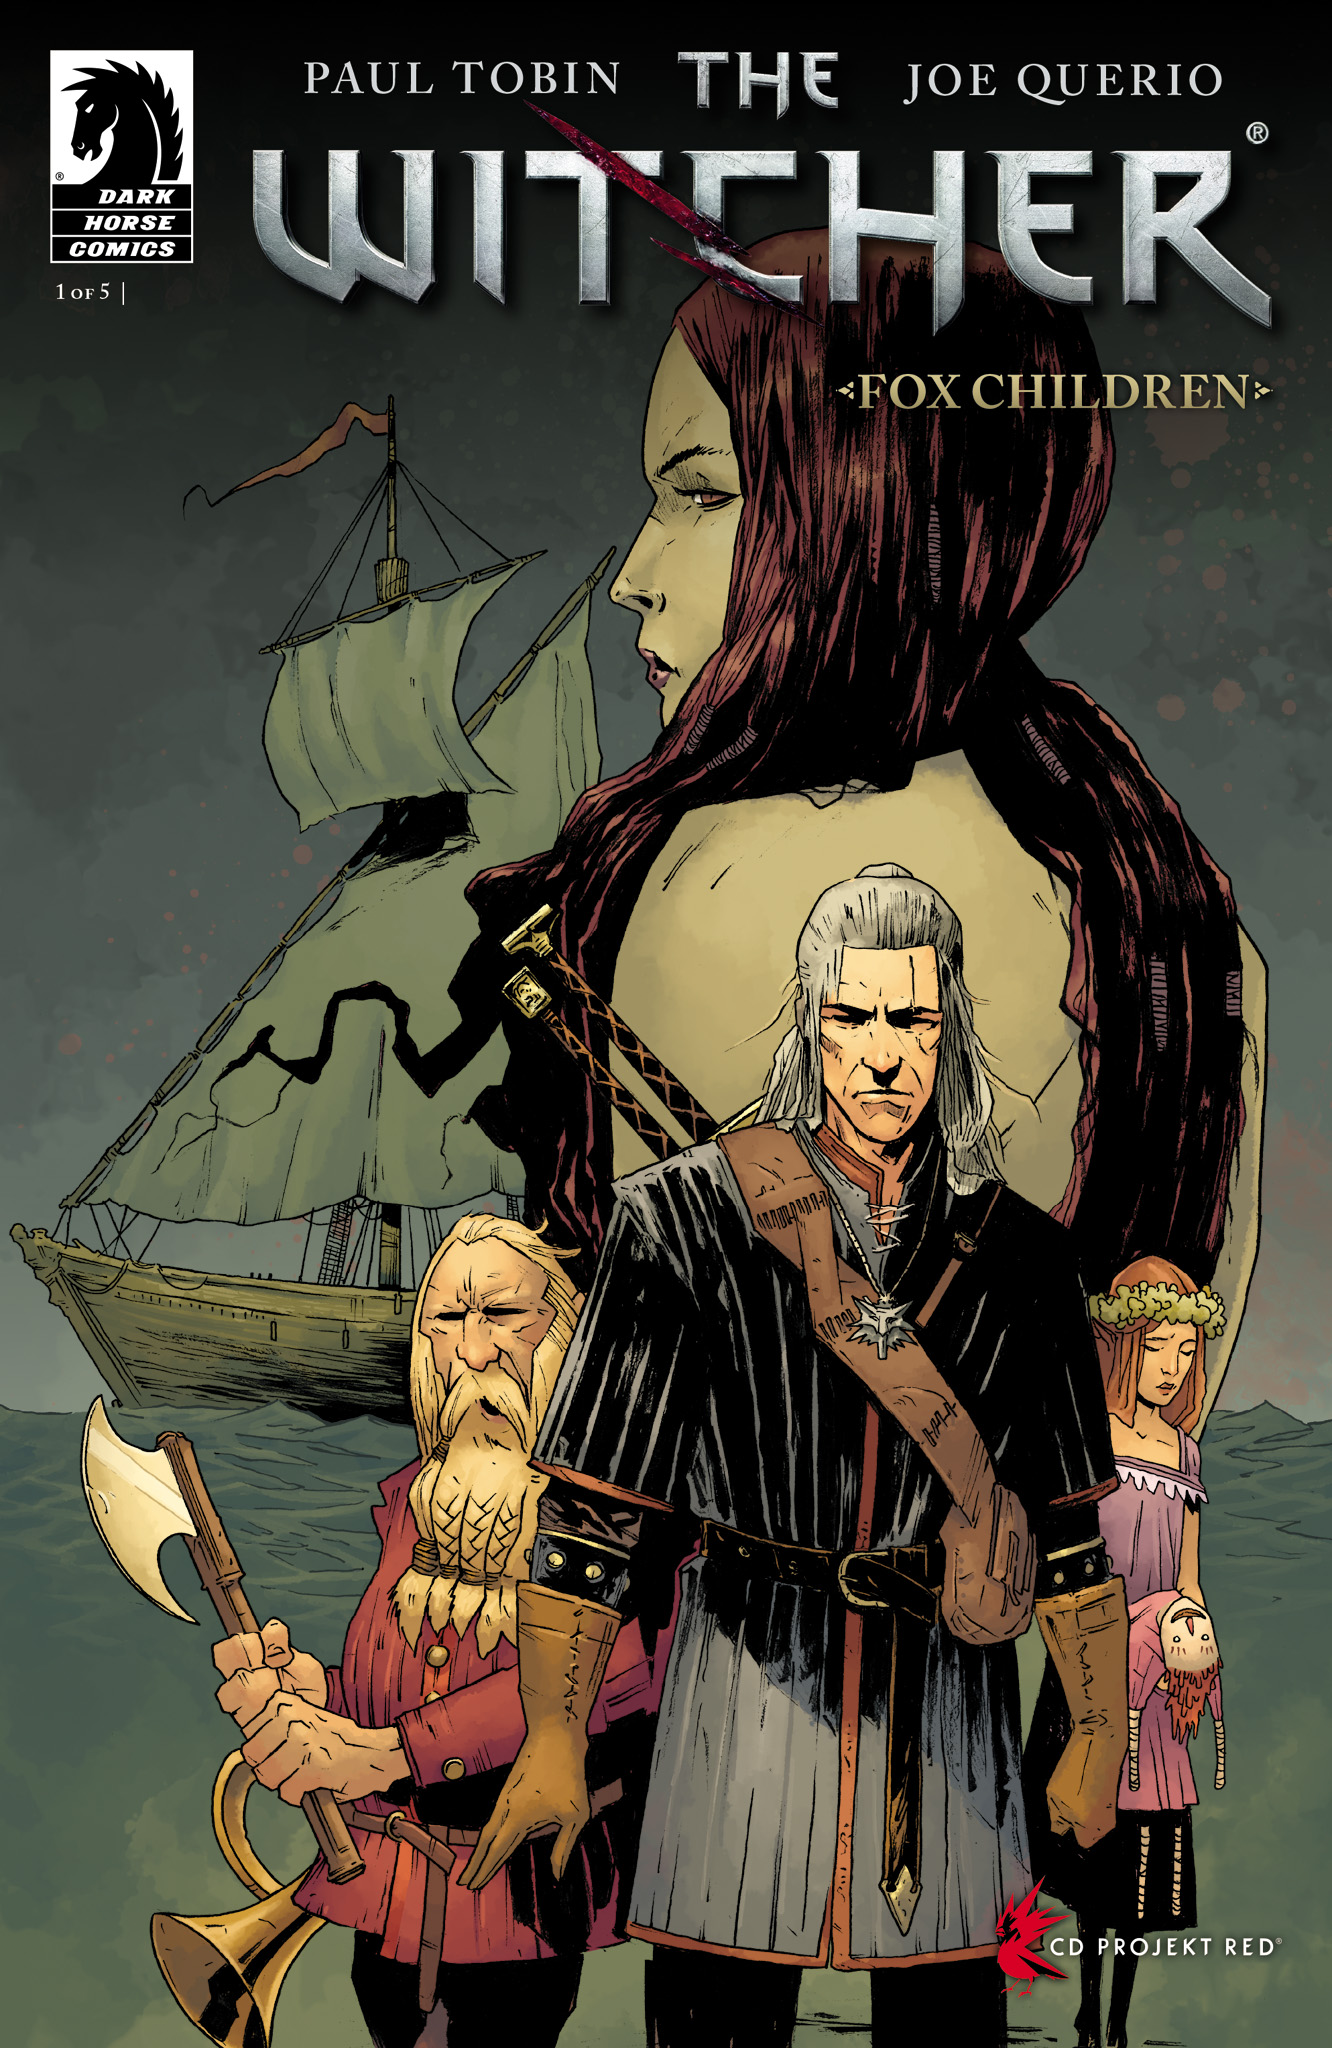 The Witcher: Fox Children